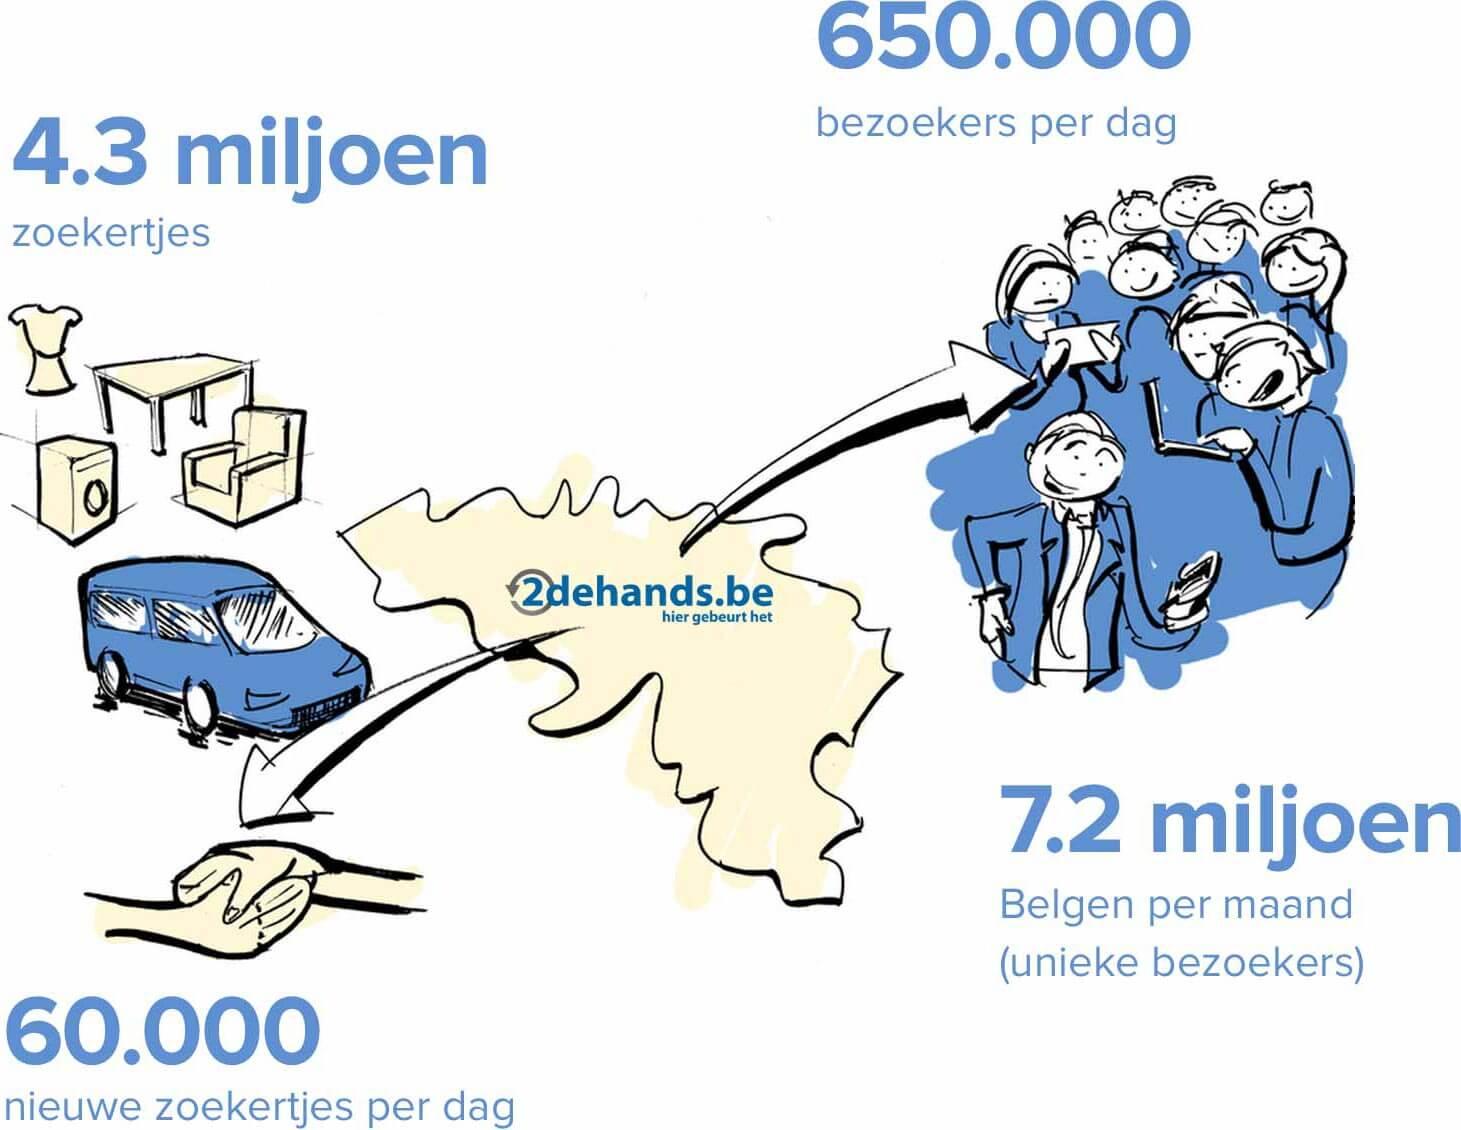 Statistieken: 4.3 miljoen zoekertjes, 650.000 bezoekers per dag, 7.2 belgen per maand, 60.000 nieuwe zoekertjes per dag.